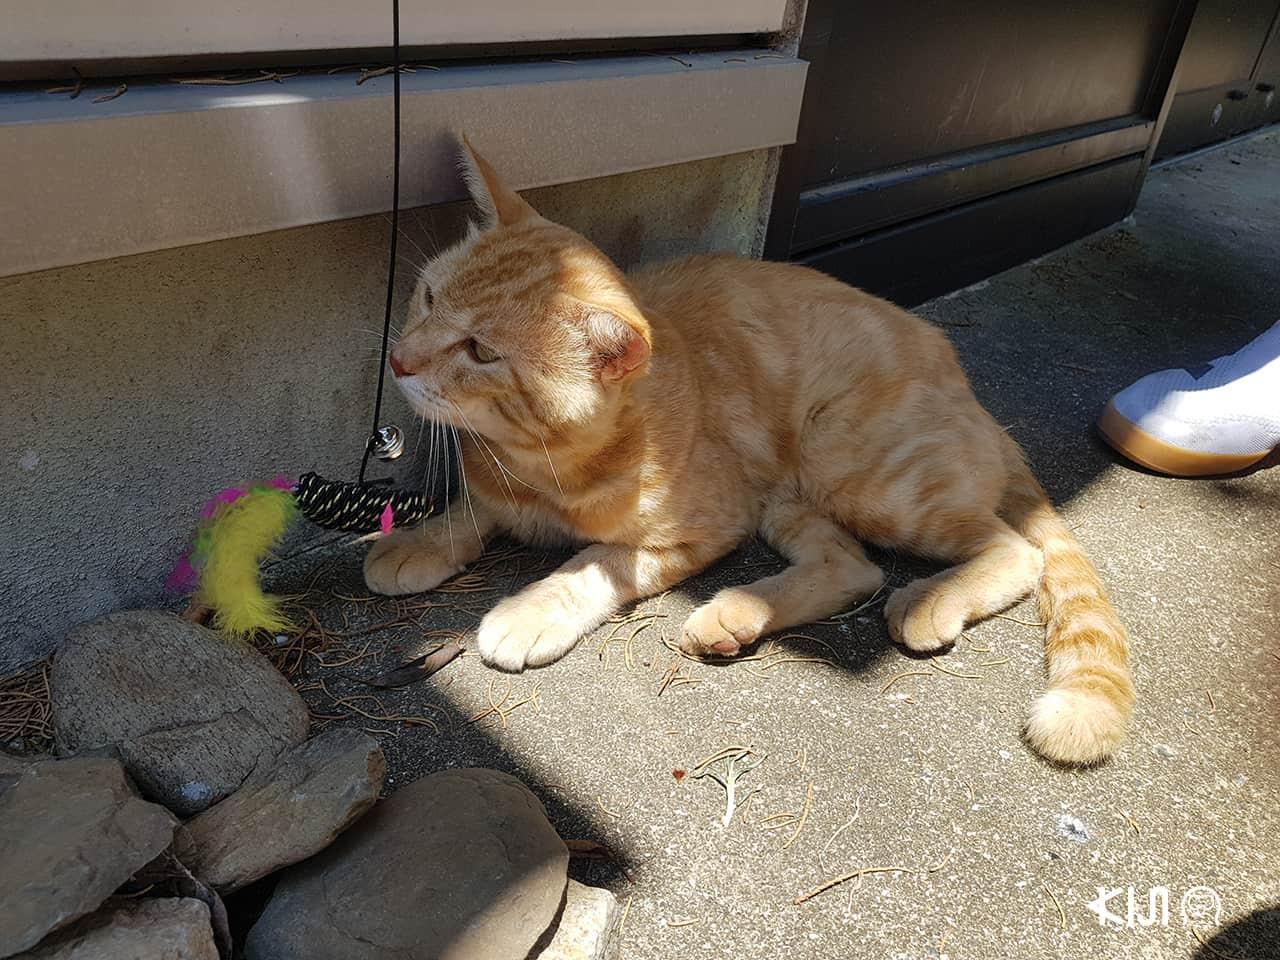 ที่ท่องเที่ยวมีแมวในญี่ปุ่น : ศาลเจ้านามิโนะอุเอะ จังหวัดโอกินาว่า